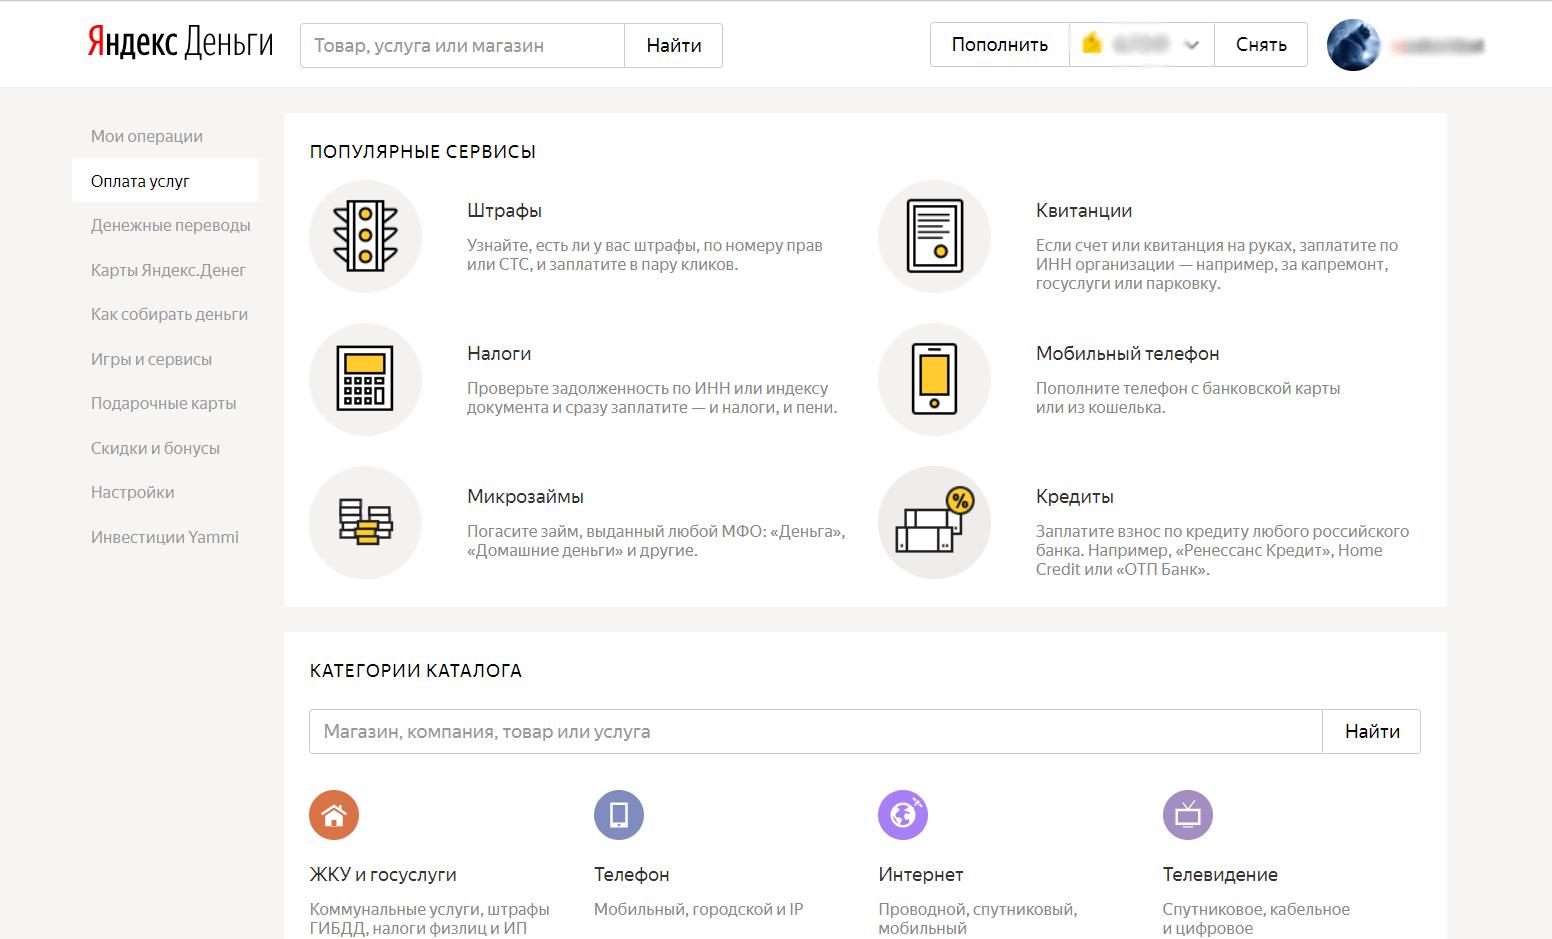 Оплата услуг в Яндекс Деньгах